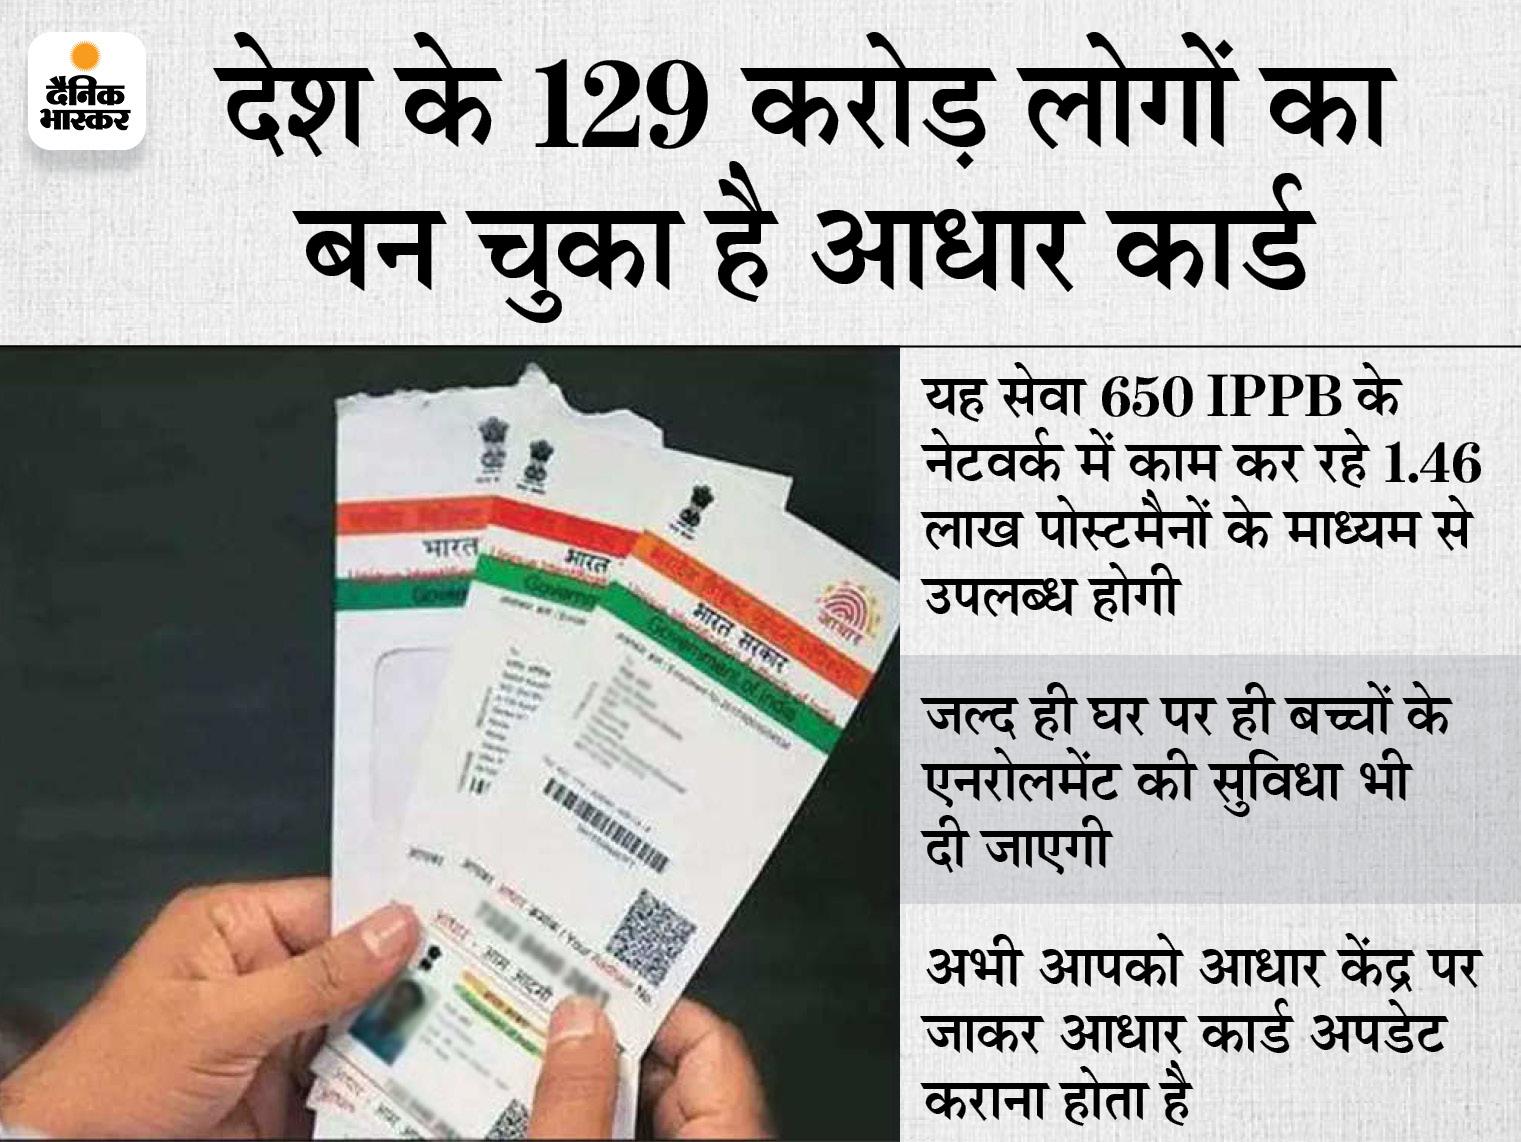 अब घर आकर पोस्टमैन आधार कार्ड में अपडेट करेगा मोबाइल नंबर, नहीं जाना होगा आधार केंद्र|बिजनेस,Business - Dainik Bhaskar